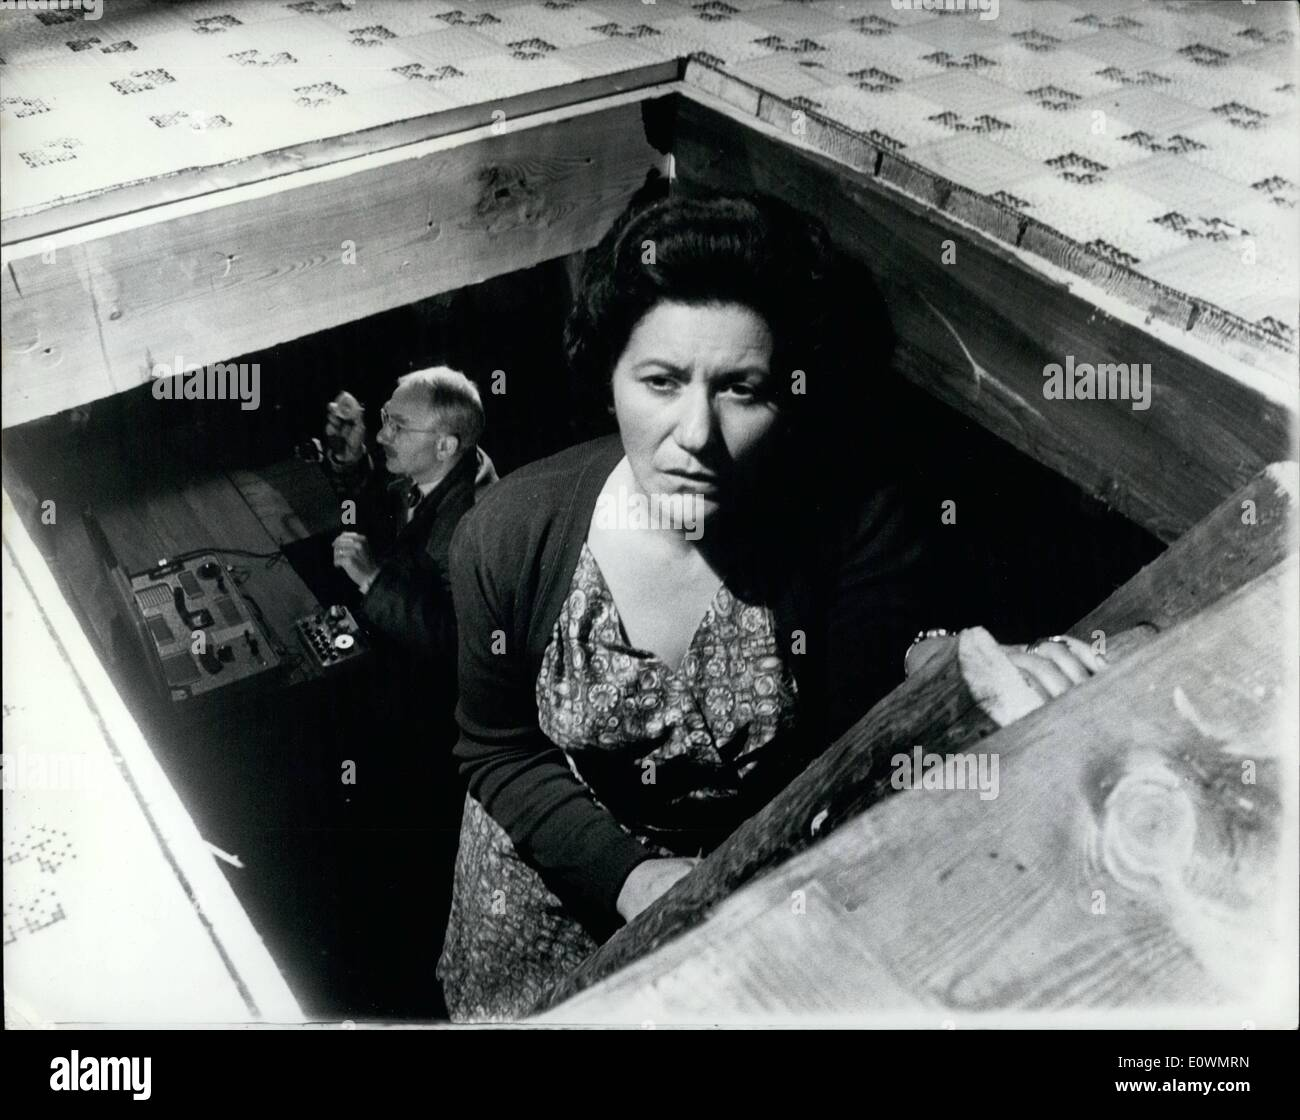 """8. August 1963 - Ring of Spies: unter dem Titel """"A Ring of Spies"""" ein Film gemacht wird ist, gibt einen Tatsachenbericht von der Portland-Spion-Fall von 1961, in dem fünf Personen wurden zum Gefängnis für eine Gesamtmenge von 95 Jahren, für den Verkauf von Admiralität Geheimnisse nach Russland geschickt. Obwohl die Admiralität zur Zusammenarbeit mit den Machern des Films abgelehnt haben, ist der Film technischer Berater Ex-Superintendent George Smith, der Special Branch-Team geführt, das den Spionagering brach. Foto zeigt Nancy Nevinson als Frau Stockbild"""